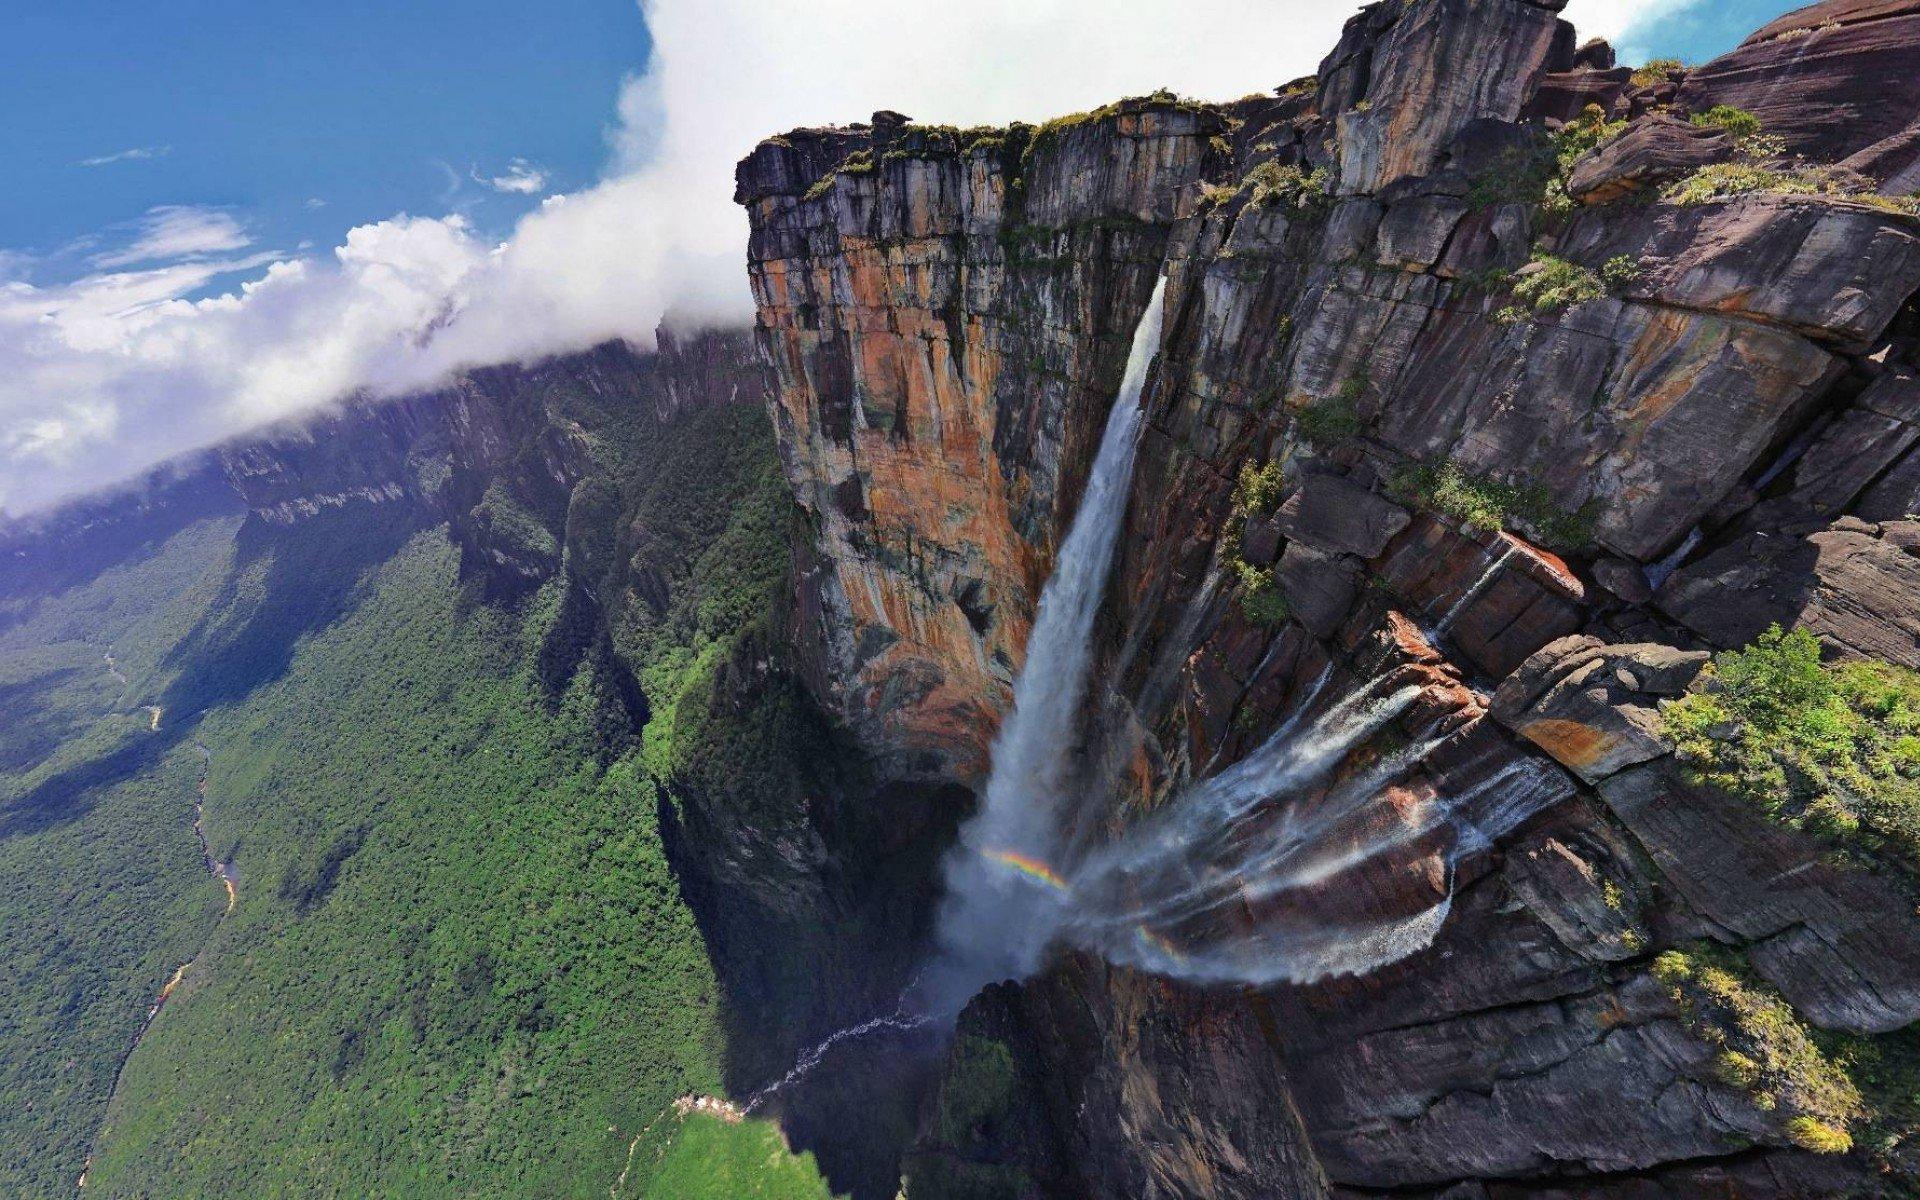 Hình ảnh thác nước treo leo vách núi đẹp nhất